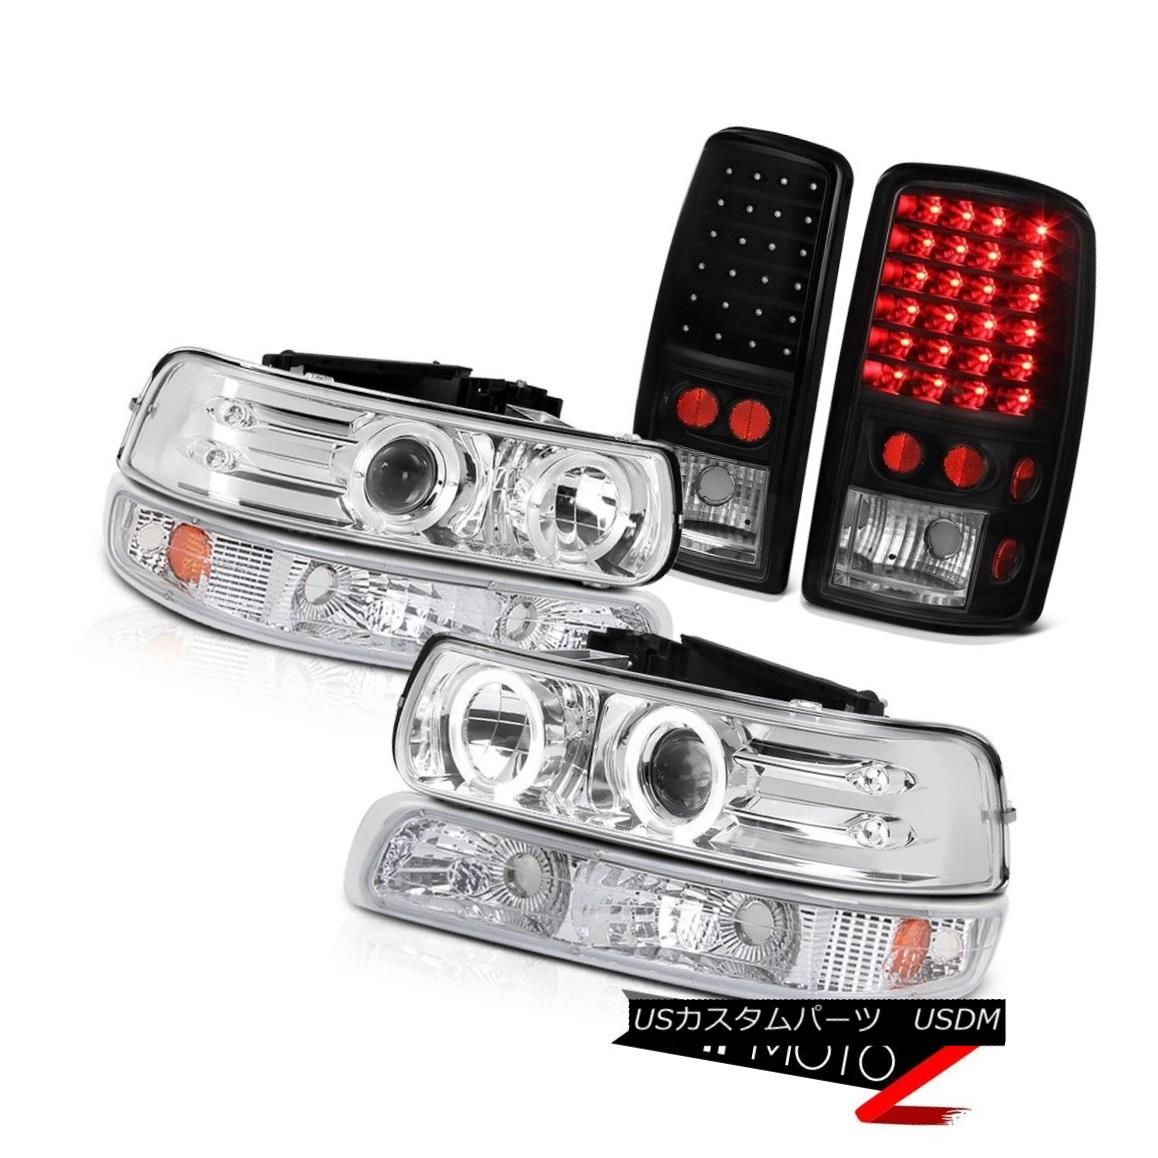 ヘッドライト 2000-2006 Suburban LS 2x Halo Projector Headlights Parking Black LED Tail Lights 2000-2006郊外LS 2xハロープロジェクターヘッドライトパーキングブラックLEDテールライト